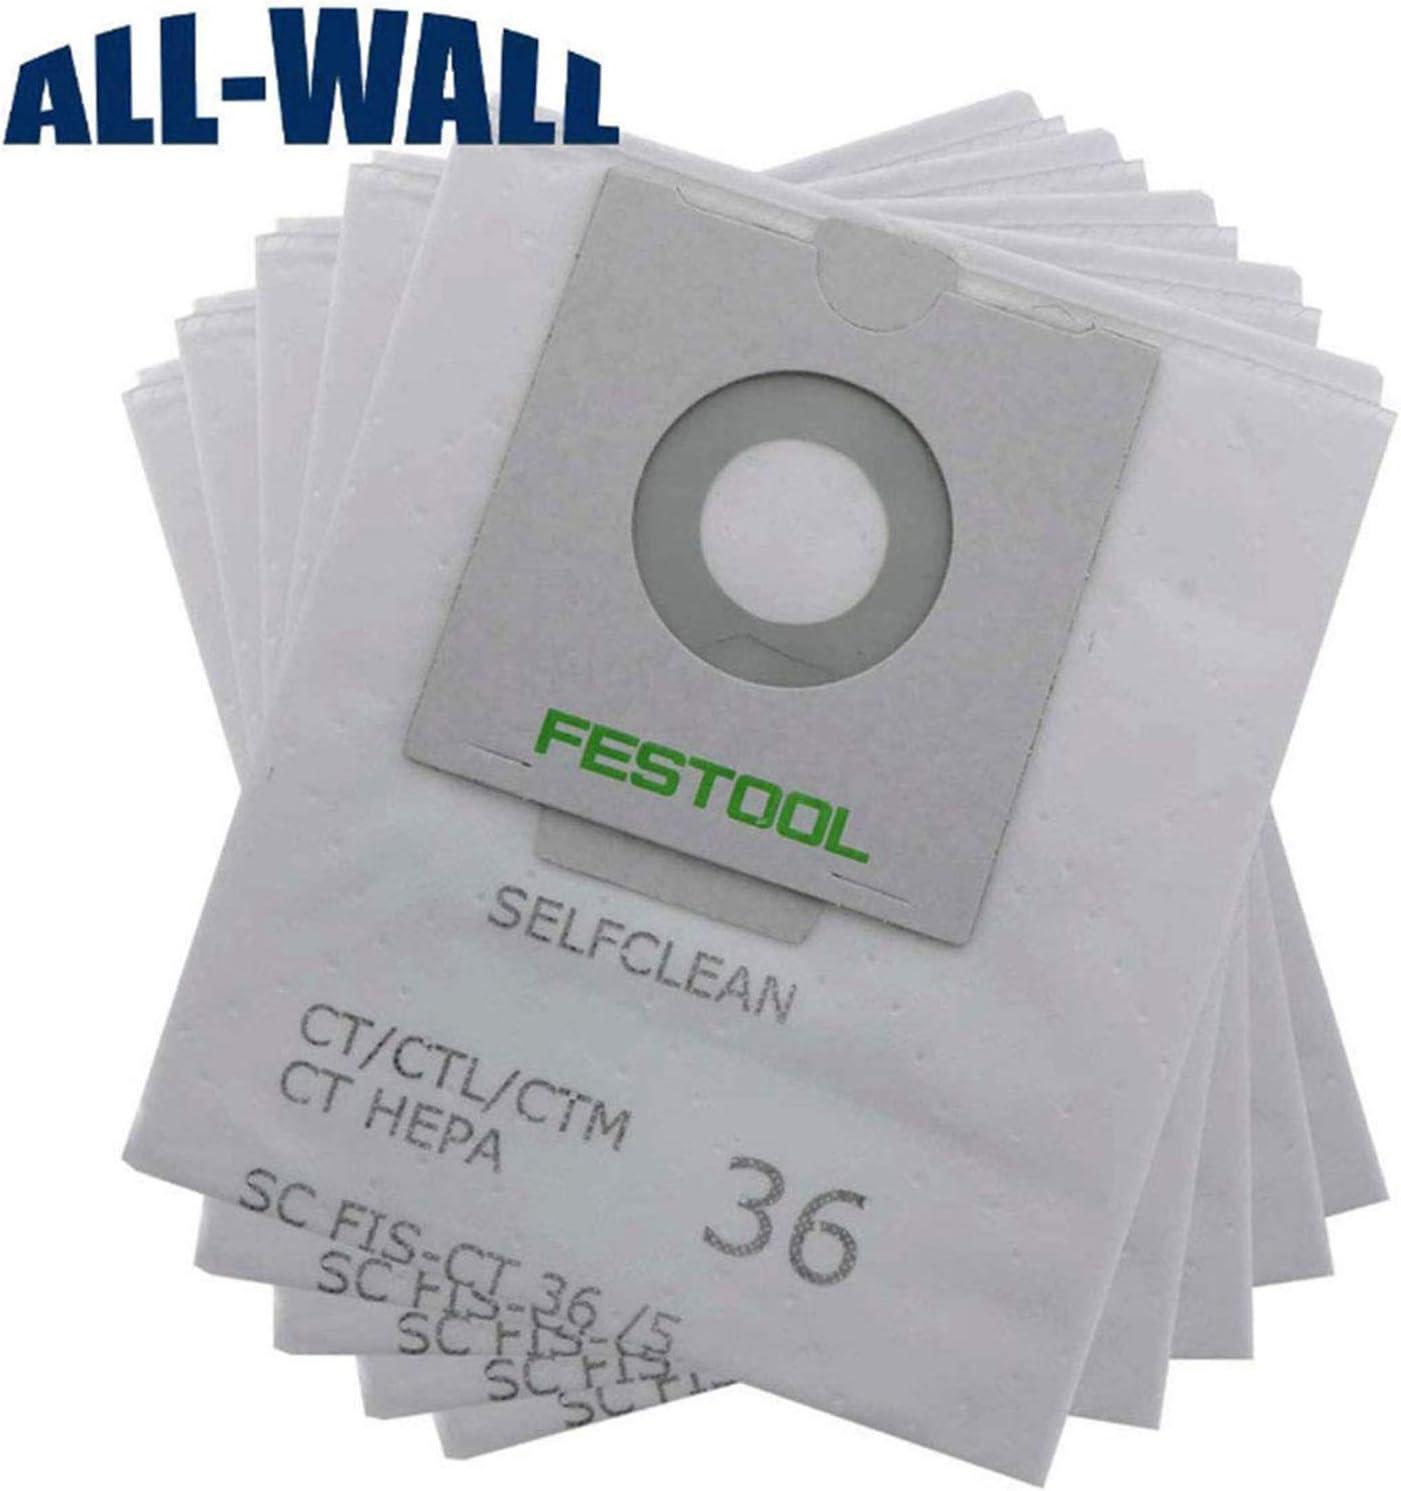 Zealand SC Fis-CT 36 - Bolsas para aspiradora Industrial Festool 496186 (5 Unidades): Amazon.es: Hogar